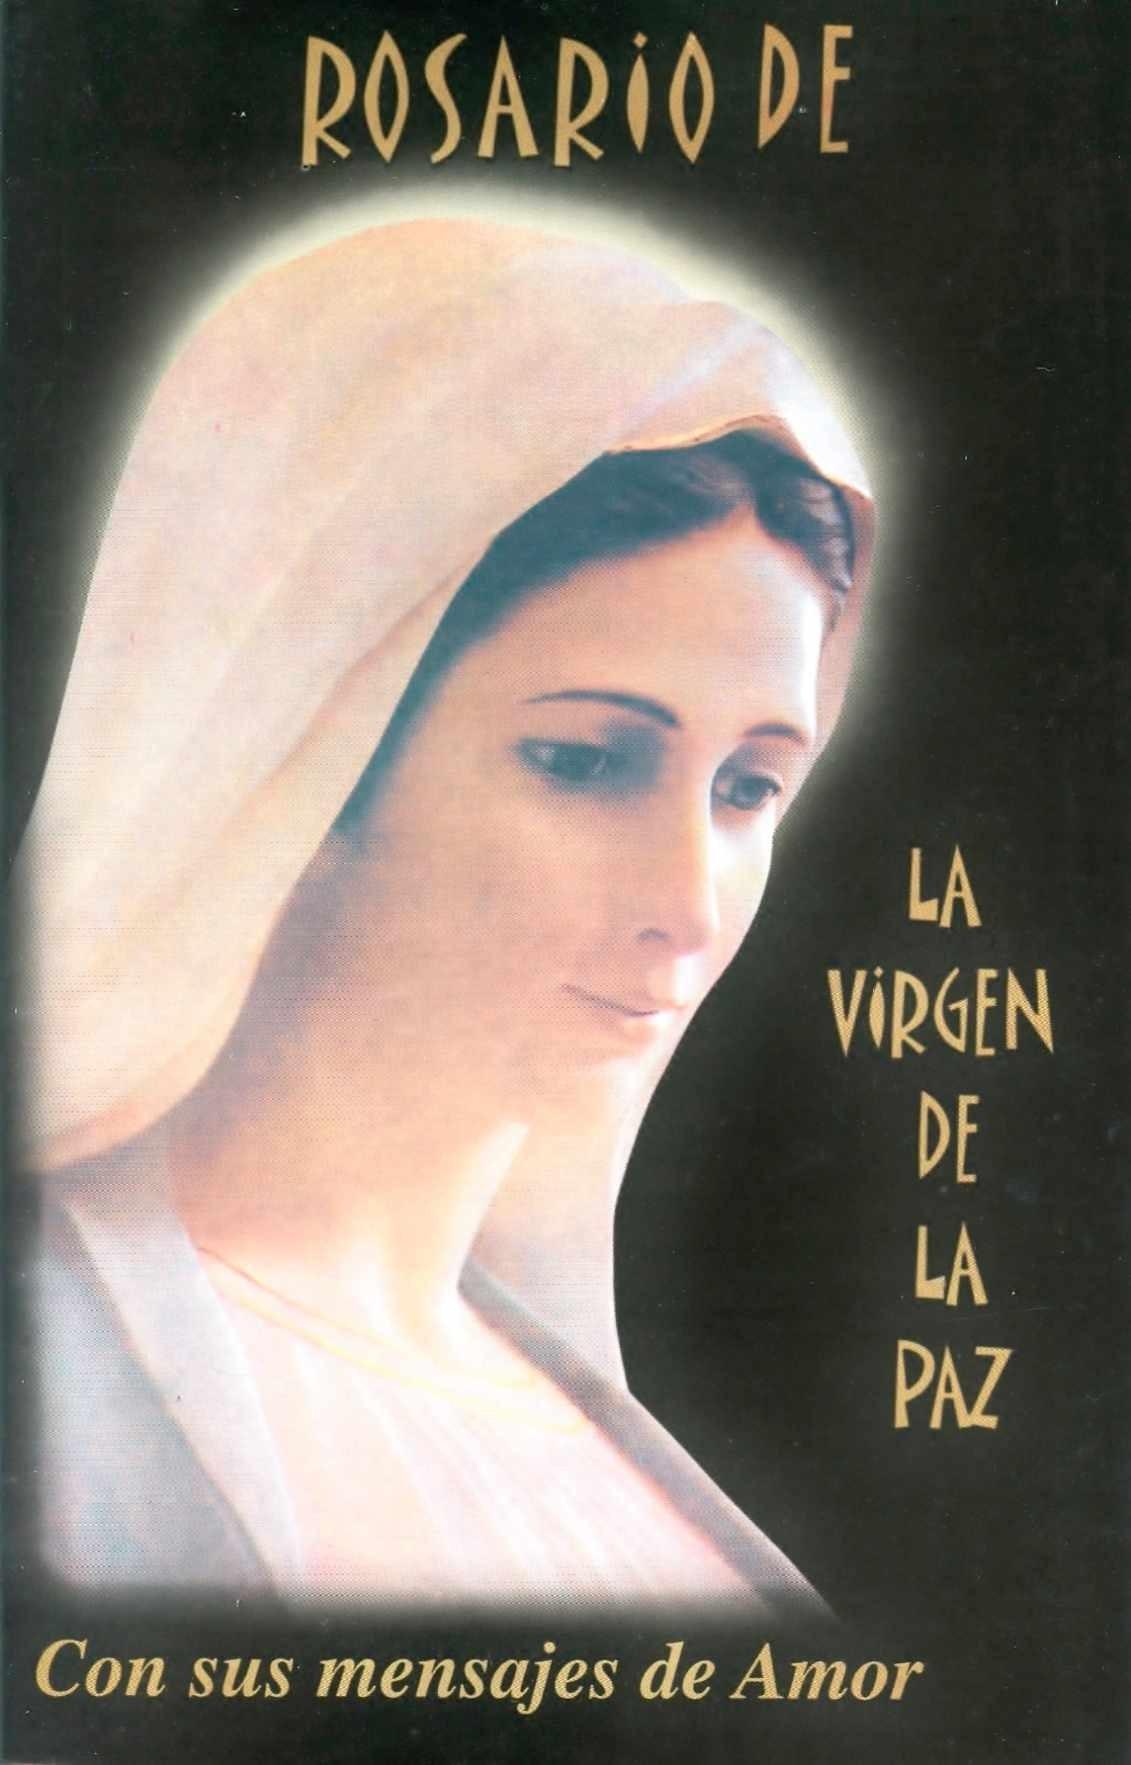 Rosario de la virgen de la paz mensaje de amor altavistaventures Choice Image